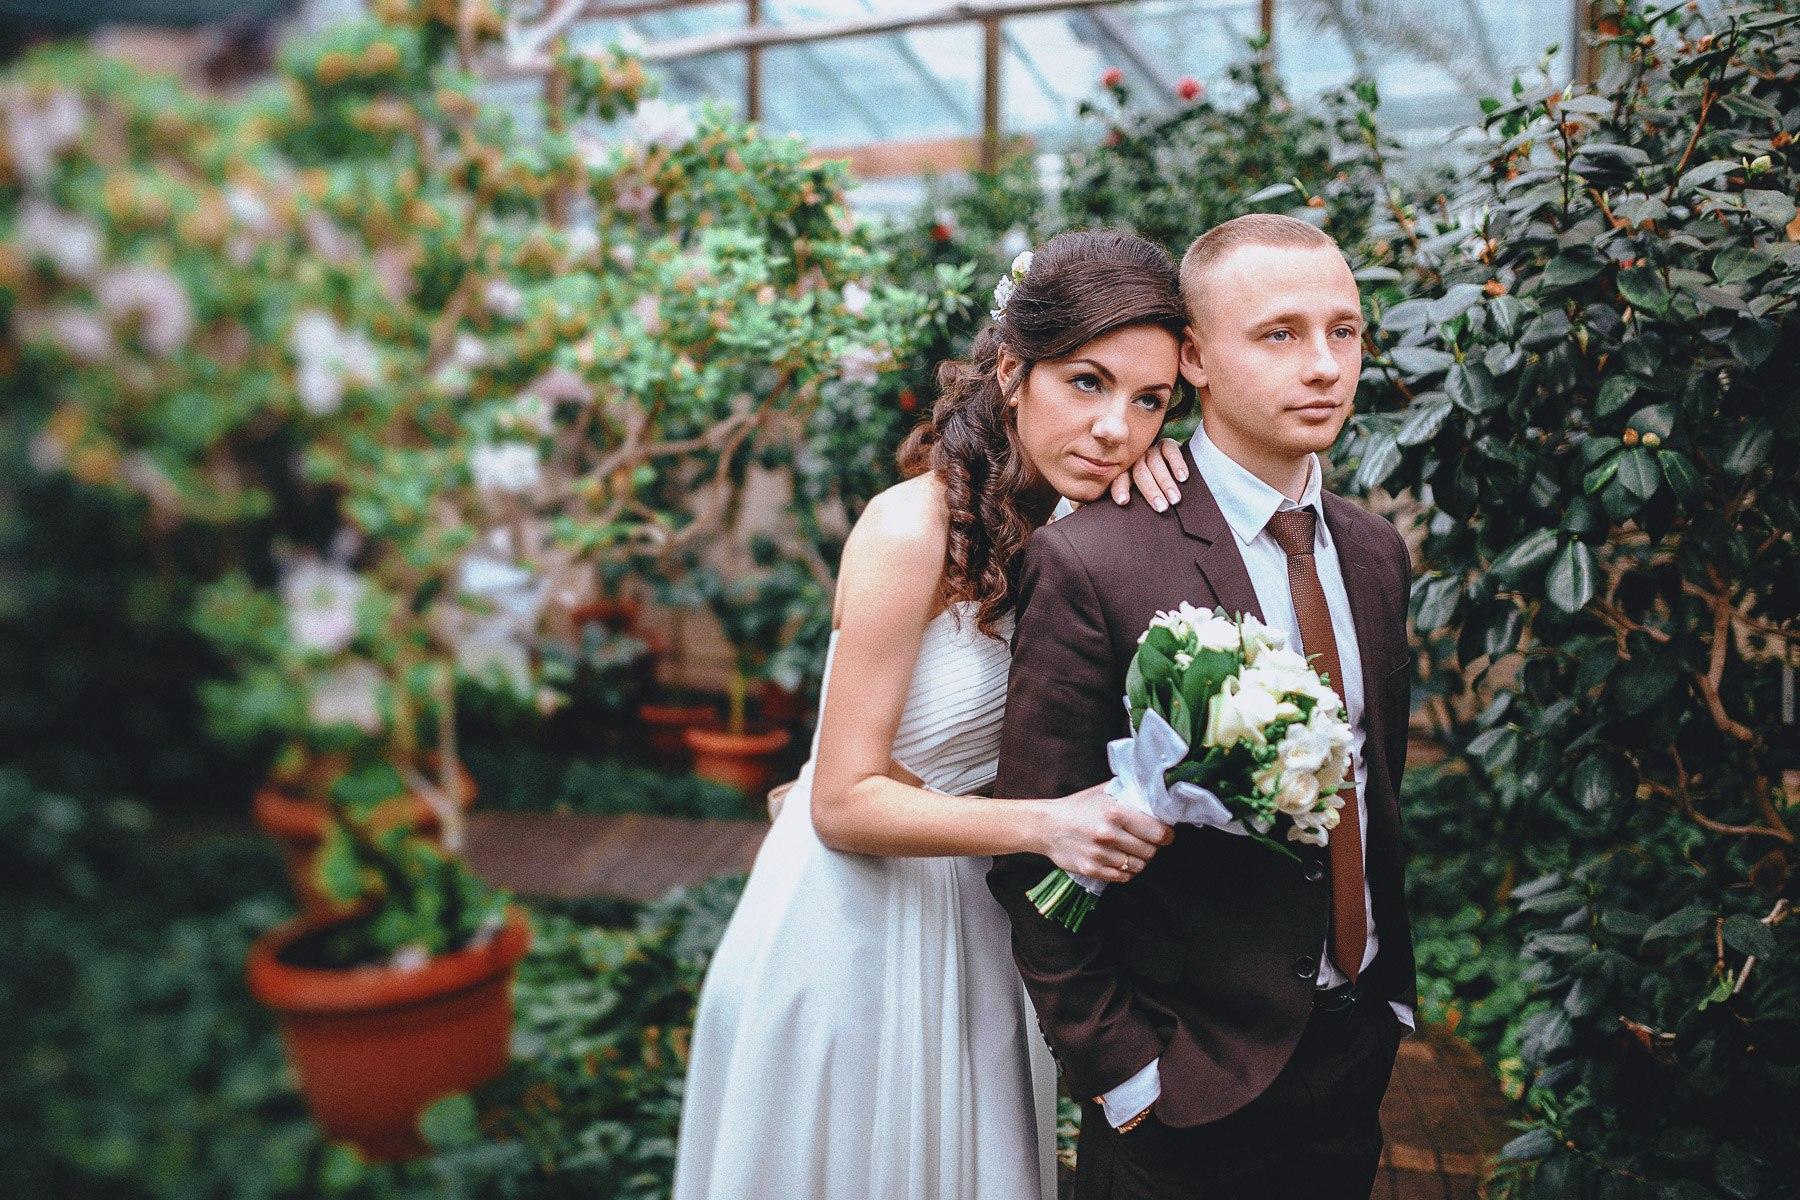 IZTxLqLEkTM - Первые 20 шагов к незабываемой свадьбе